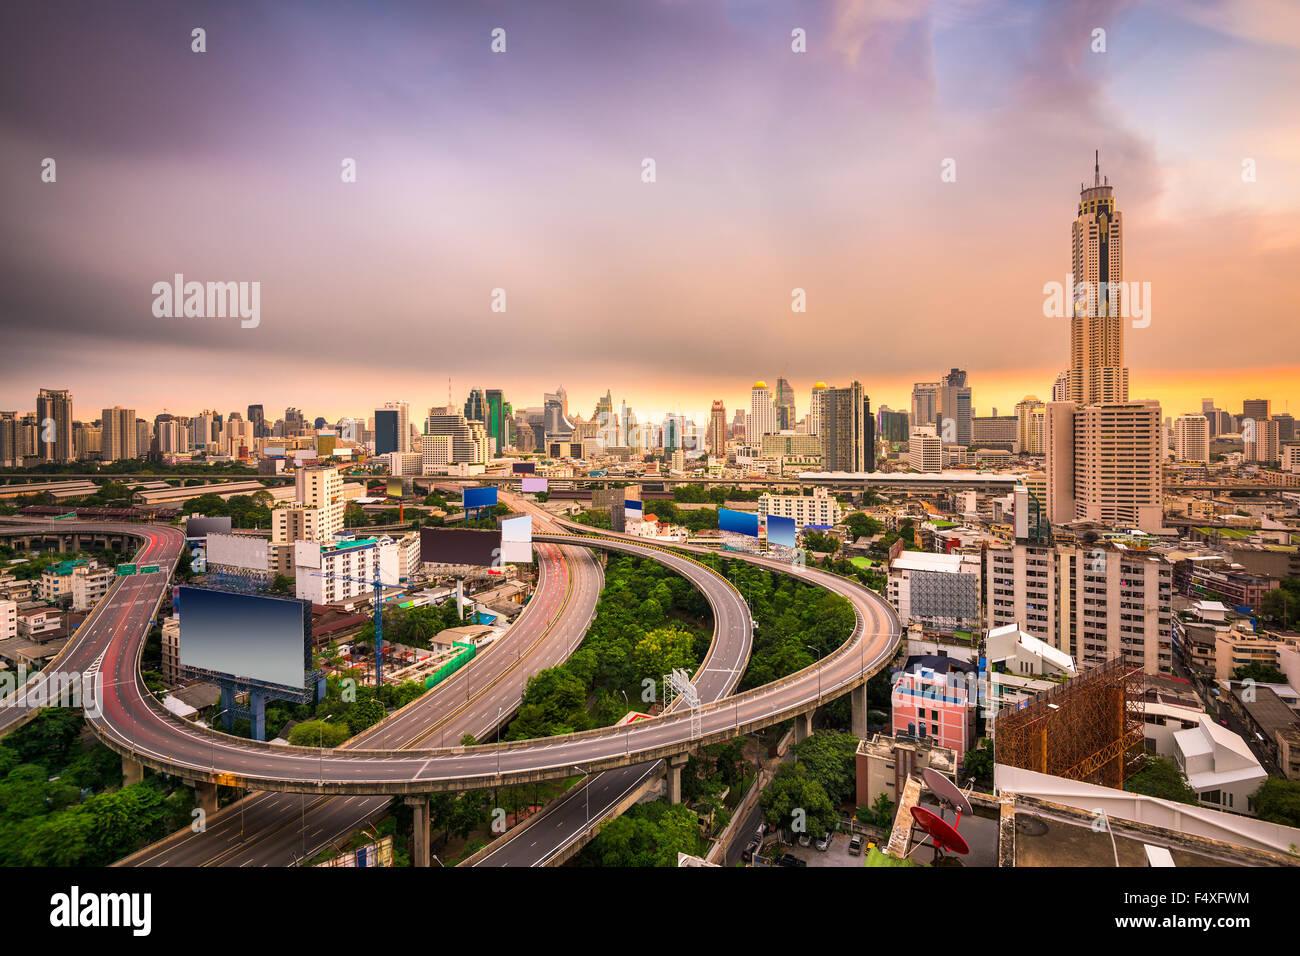 Bangkok, Thailand cityscape with highways. - Stock Image